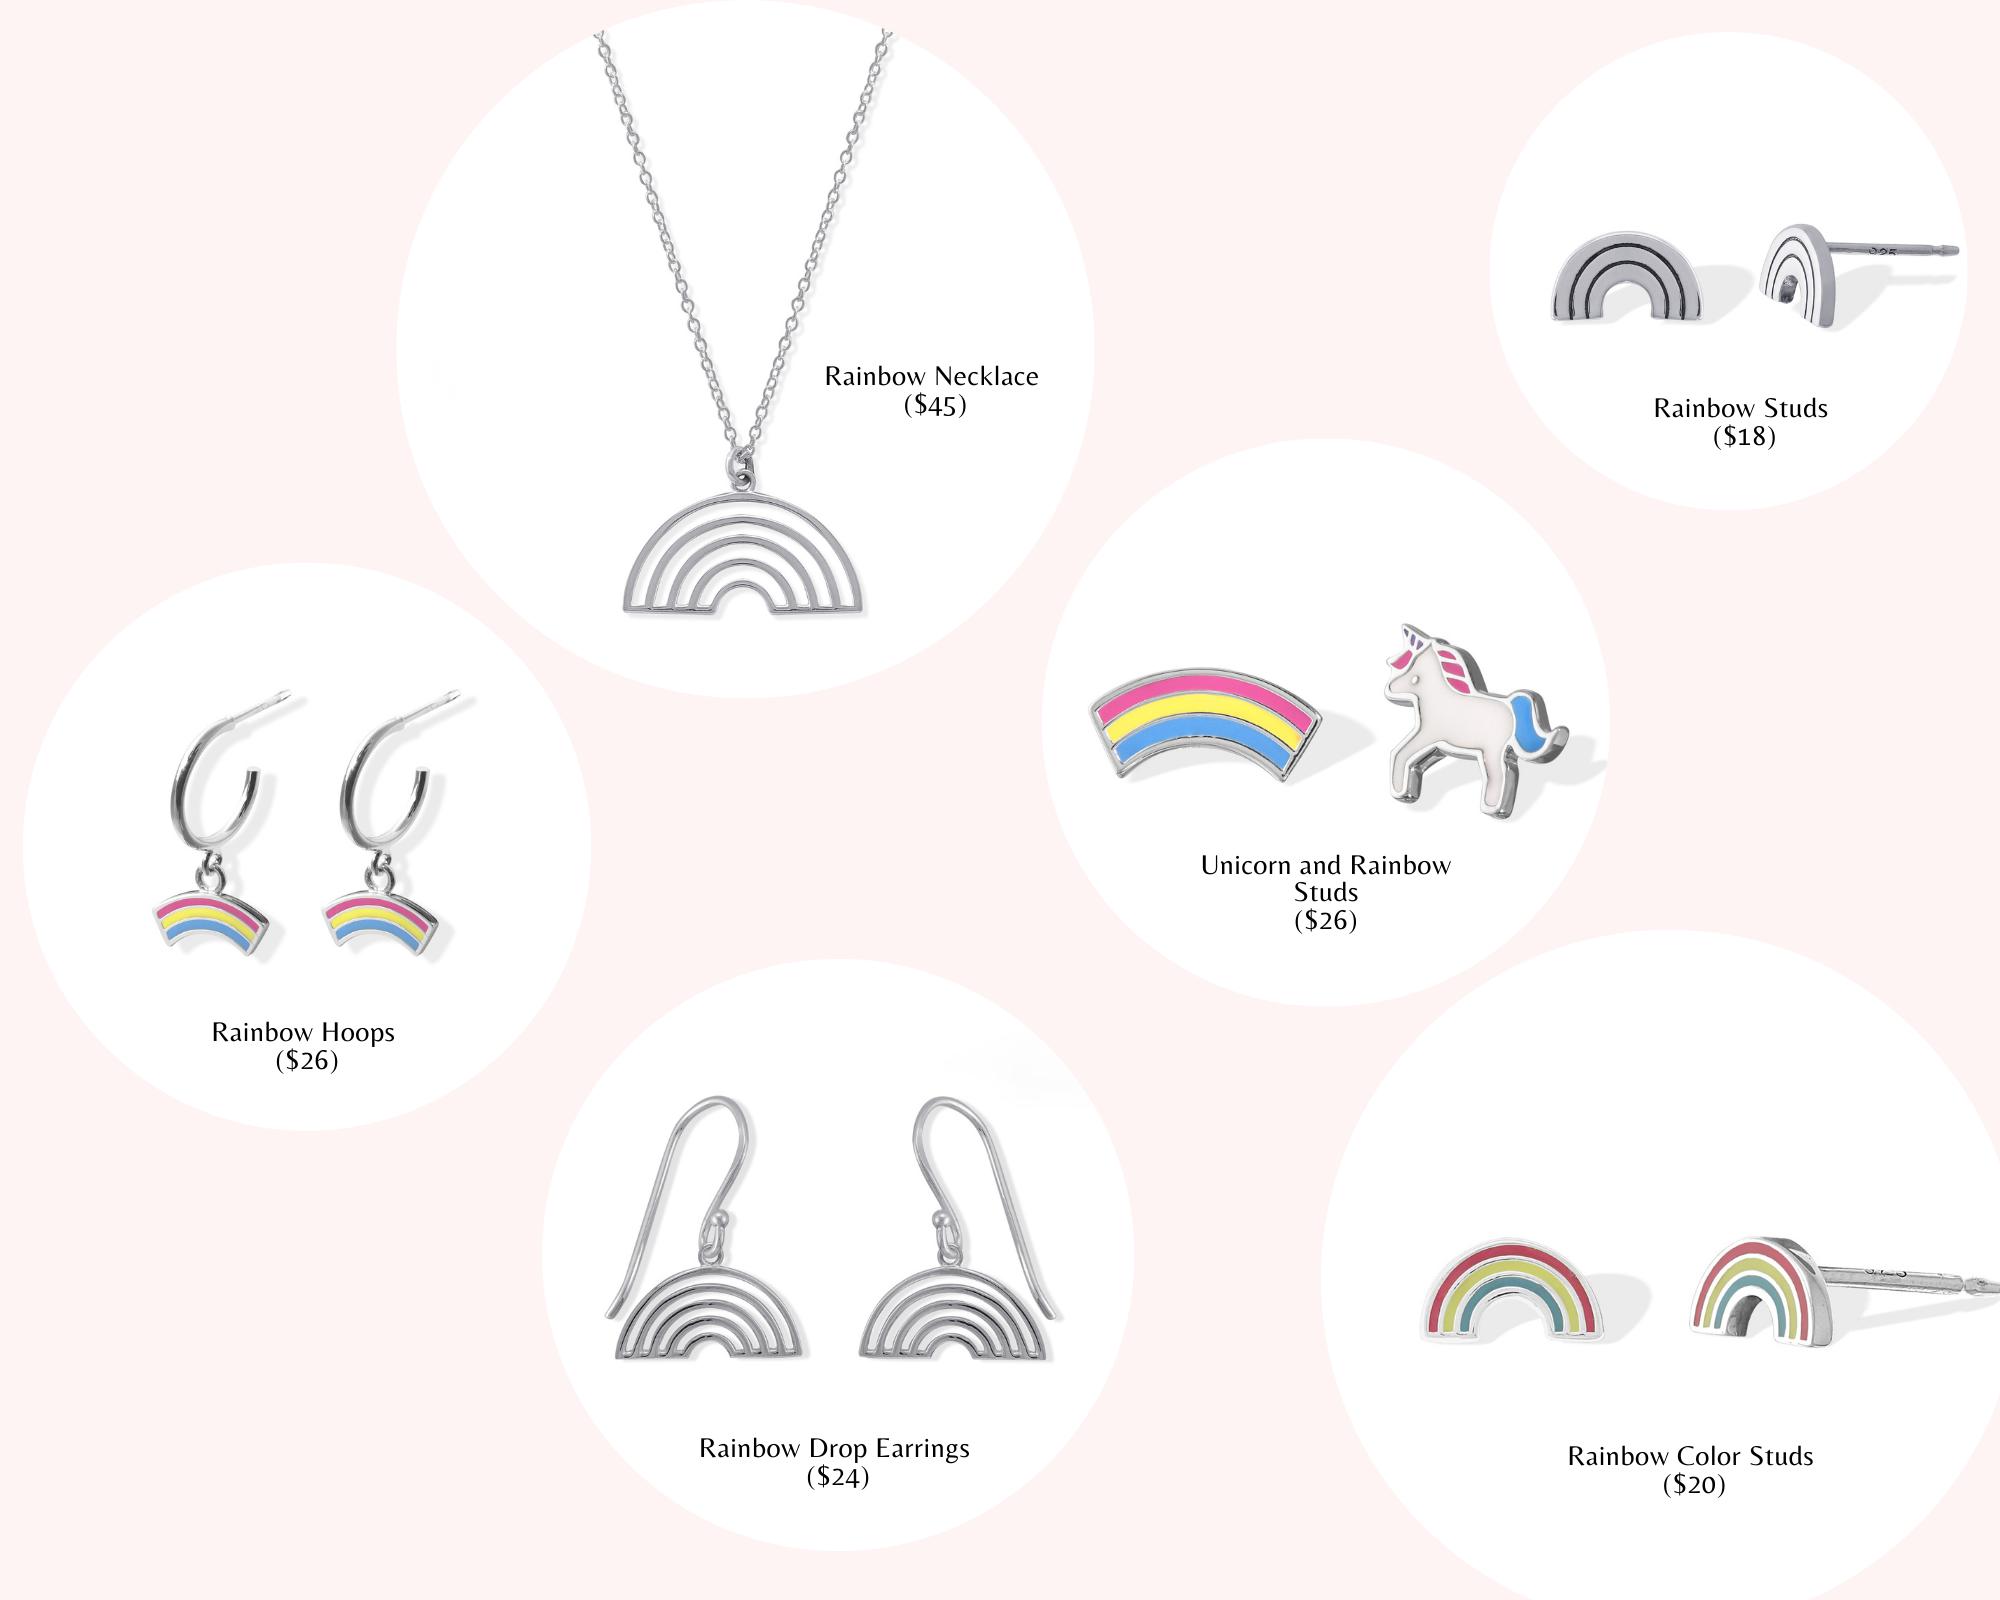 pride necklace